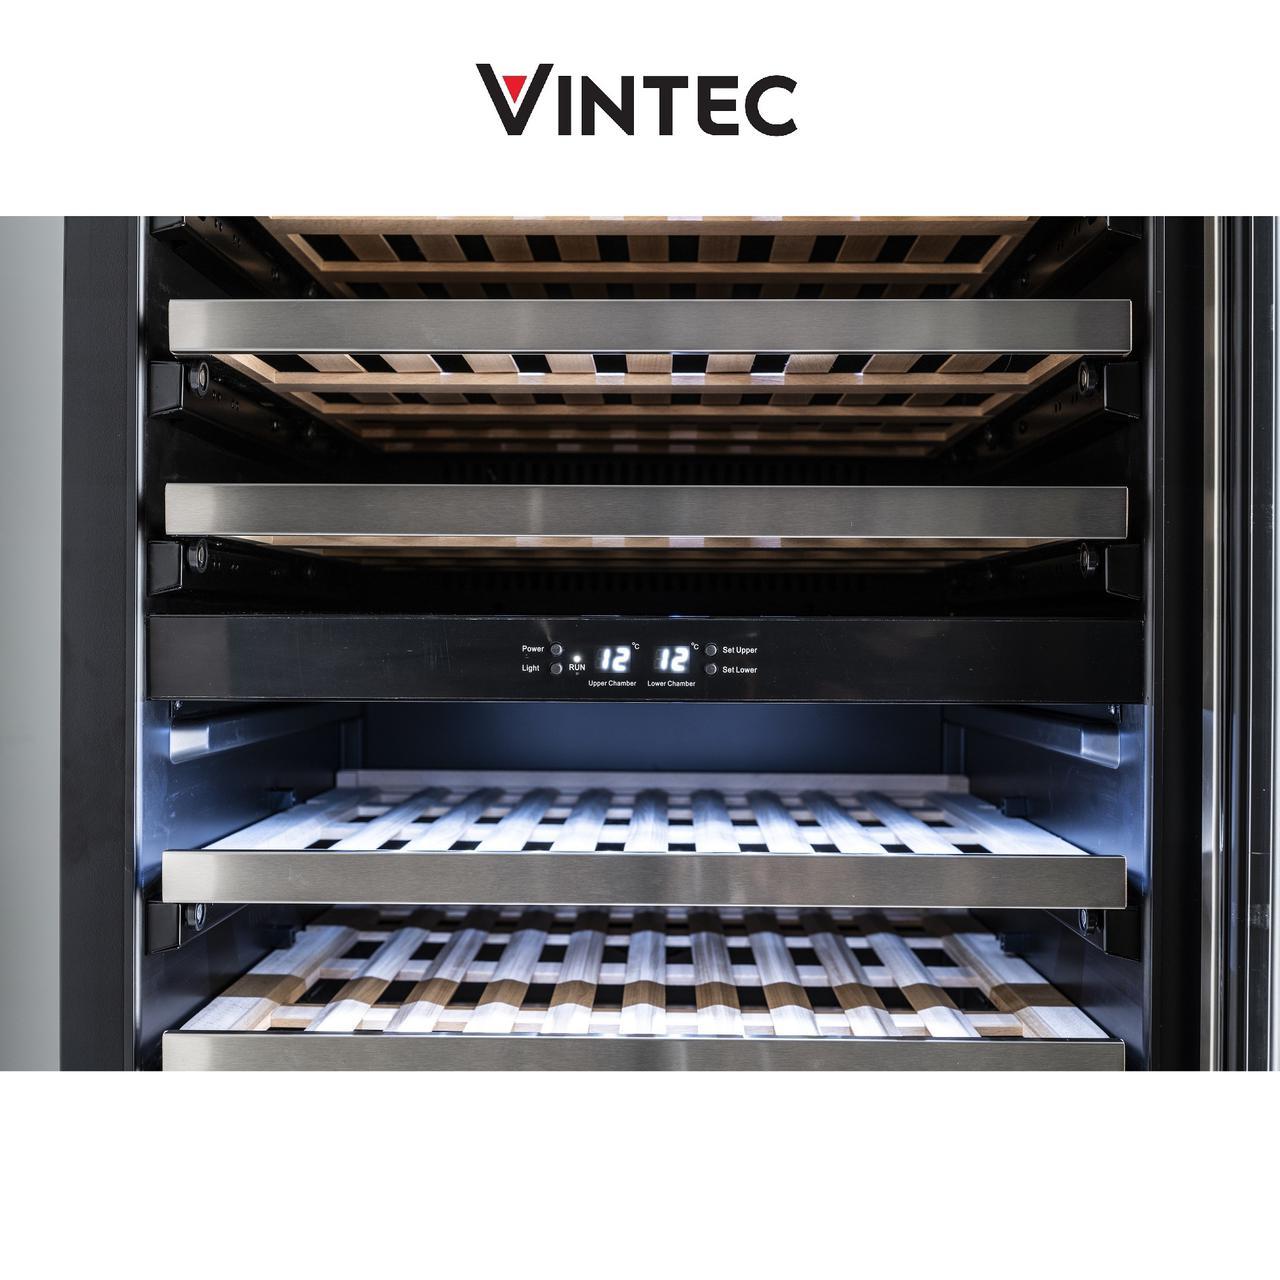 画像1: 「ヴァンテック」1台で2温度帯を管理できるワインセラー登場! 7月30日発売